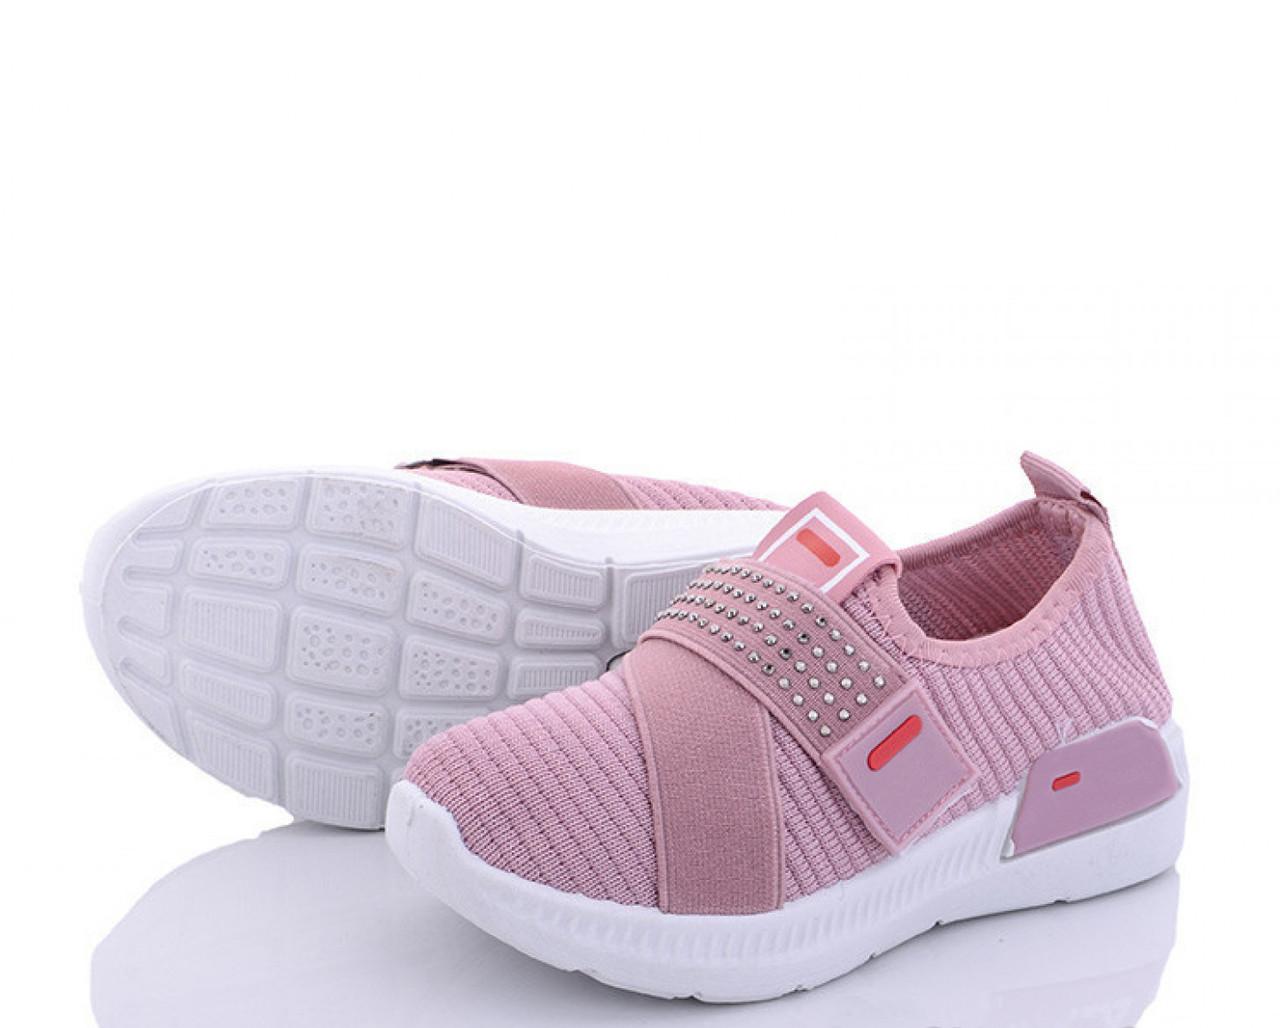 Летние детские розовые кроссовки на девочку из текстиля 29 р. - 18,5 см BR-S 1190356876